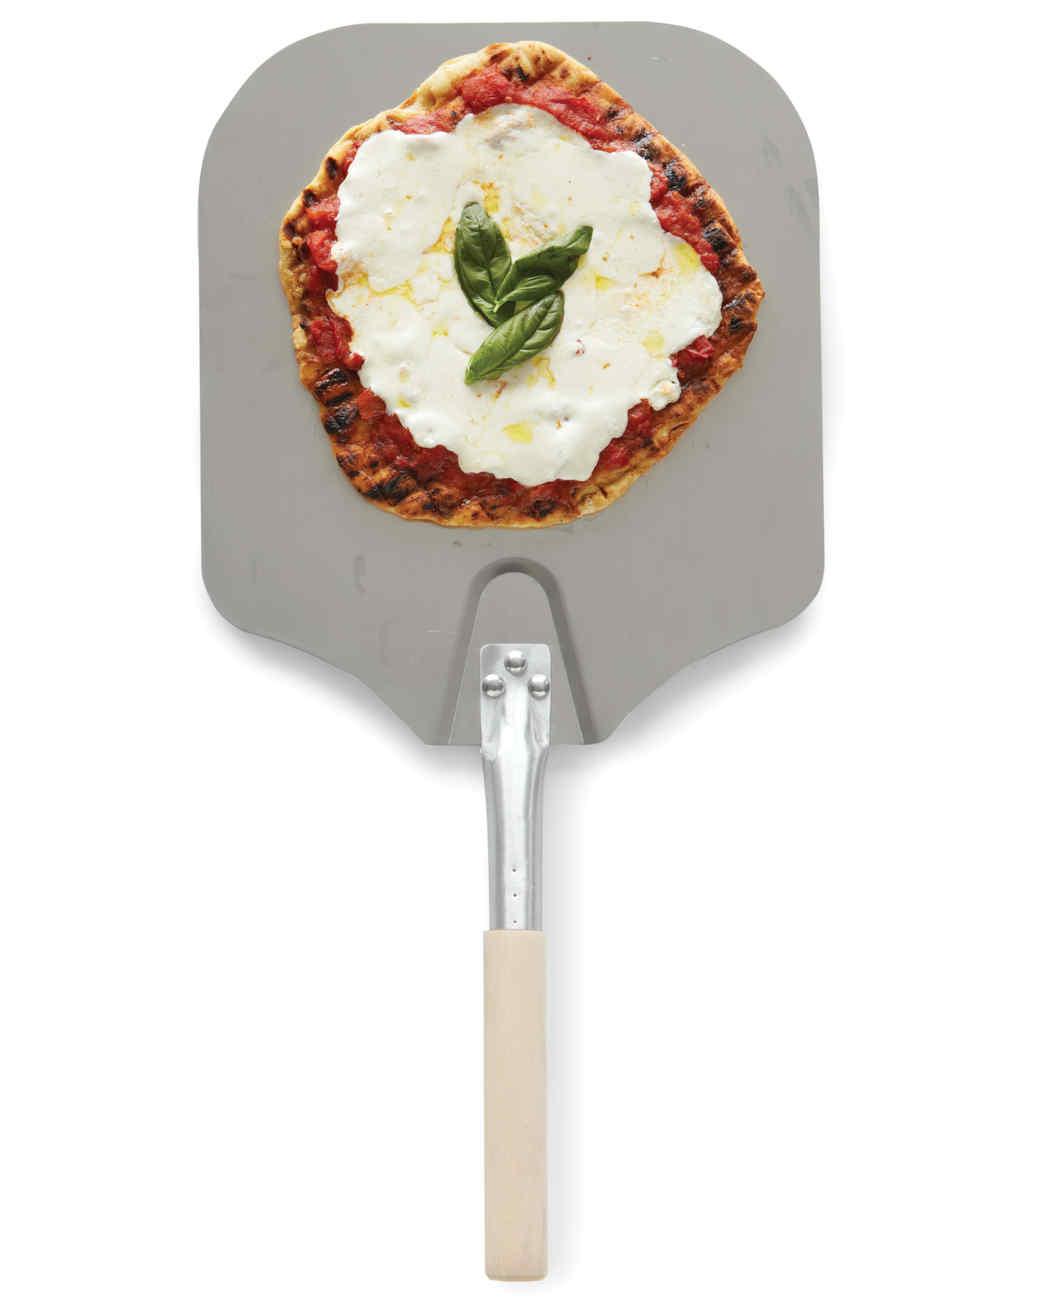 pizza-0611mld107262.jpg